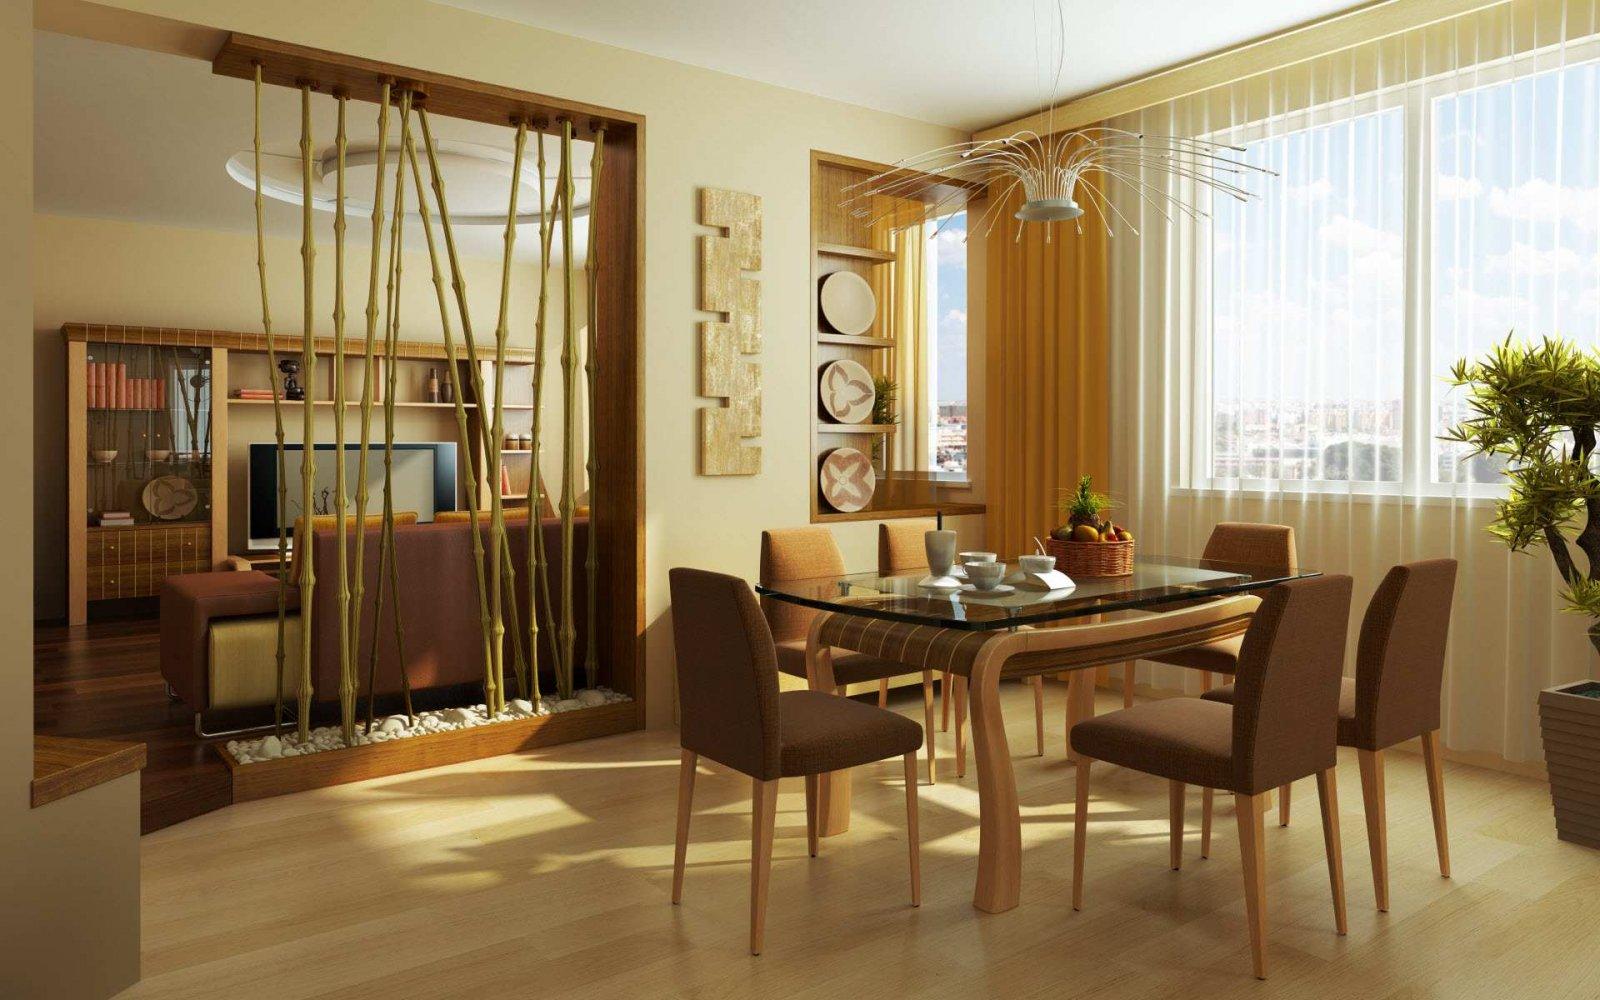 Cómo distribuir los muebles del salón comedor. Decoración del hogar.